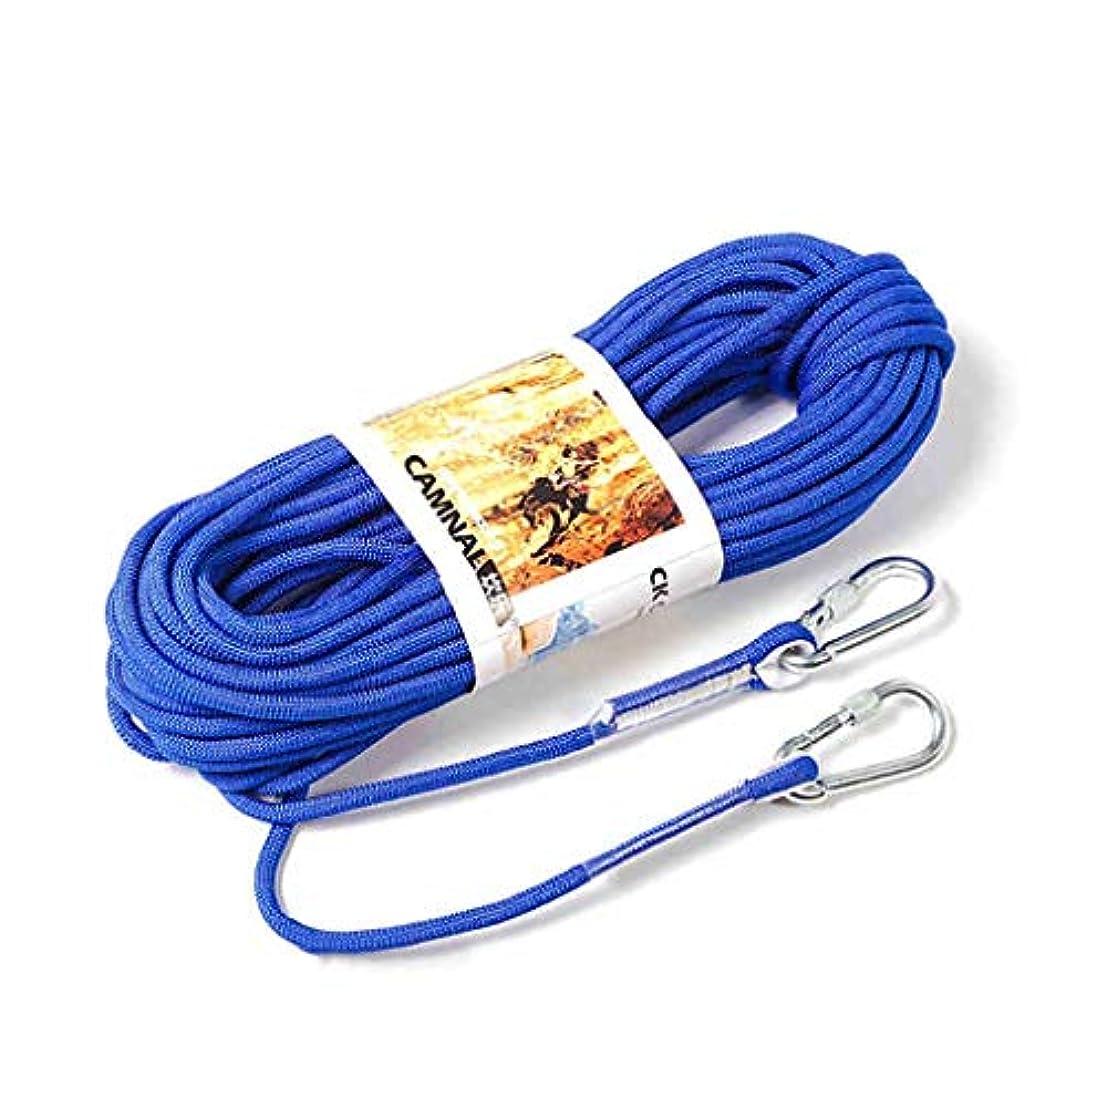 決めます閉じるセーブKTYXDE クライミングロープキャンプ/クライミング/クライミング/ダイビングウェア径6/8 / 9.5 / 12mm長さは10/20/30/40/50 / 100mマルチカラーオプション クライミングロープ (Color : G, Size : 6MM 30M)